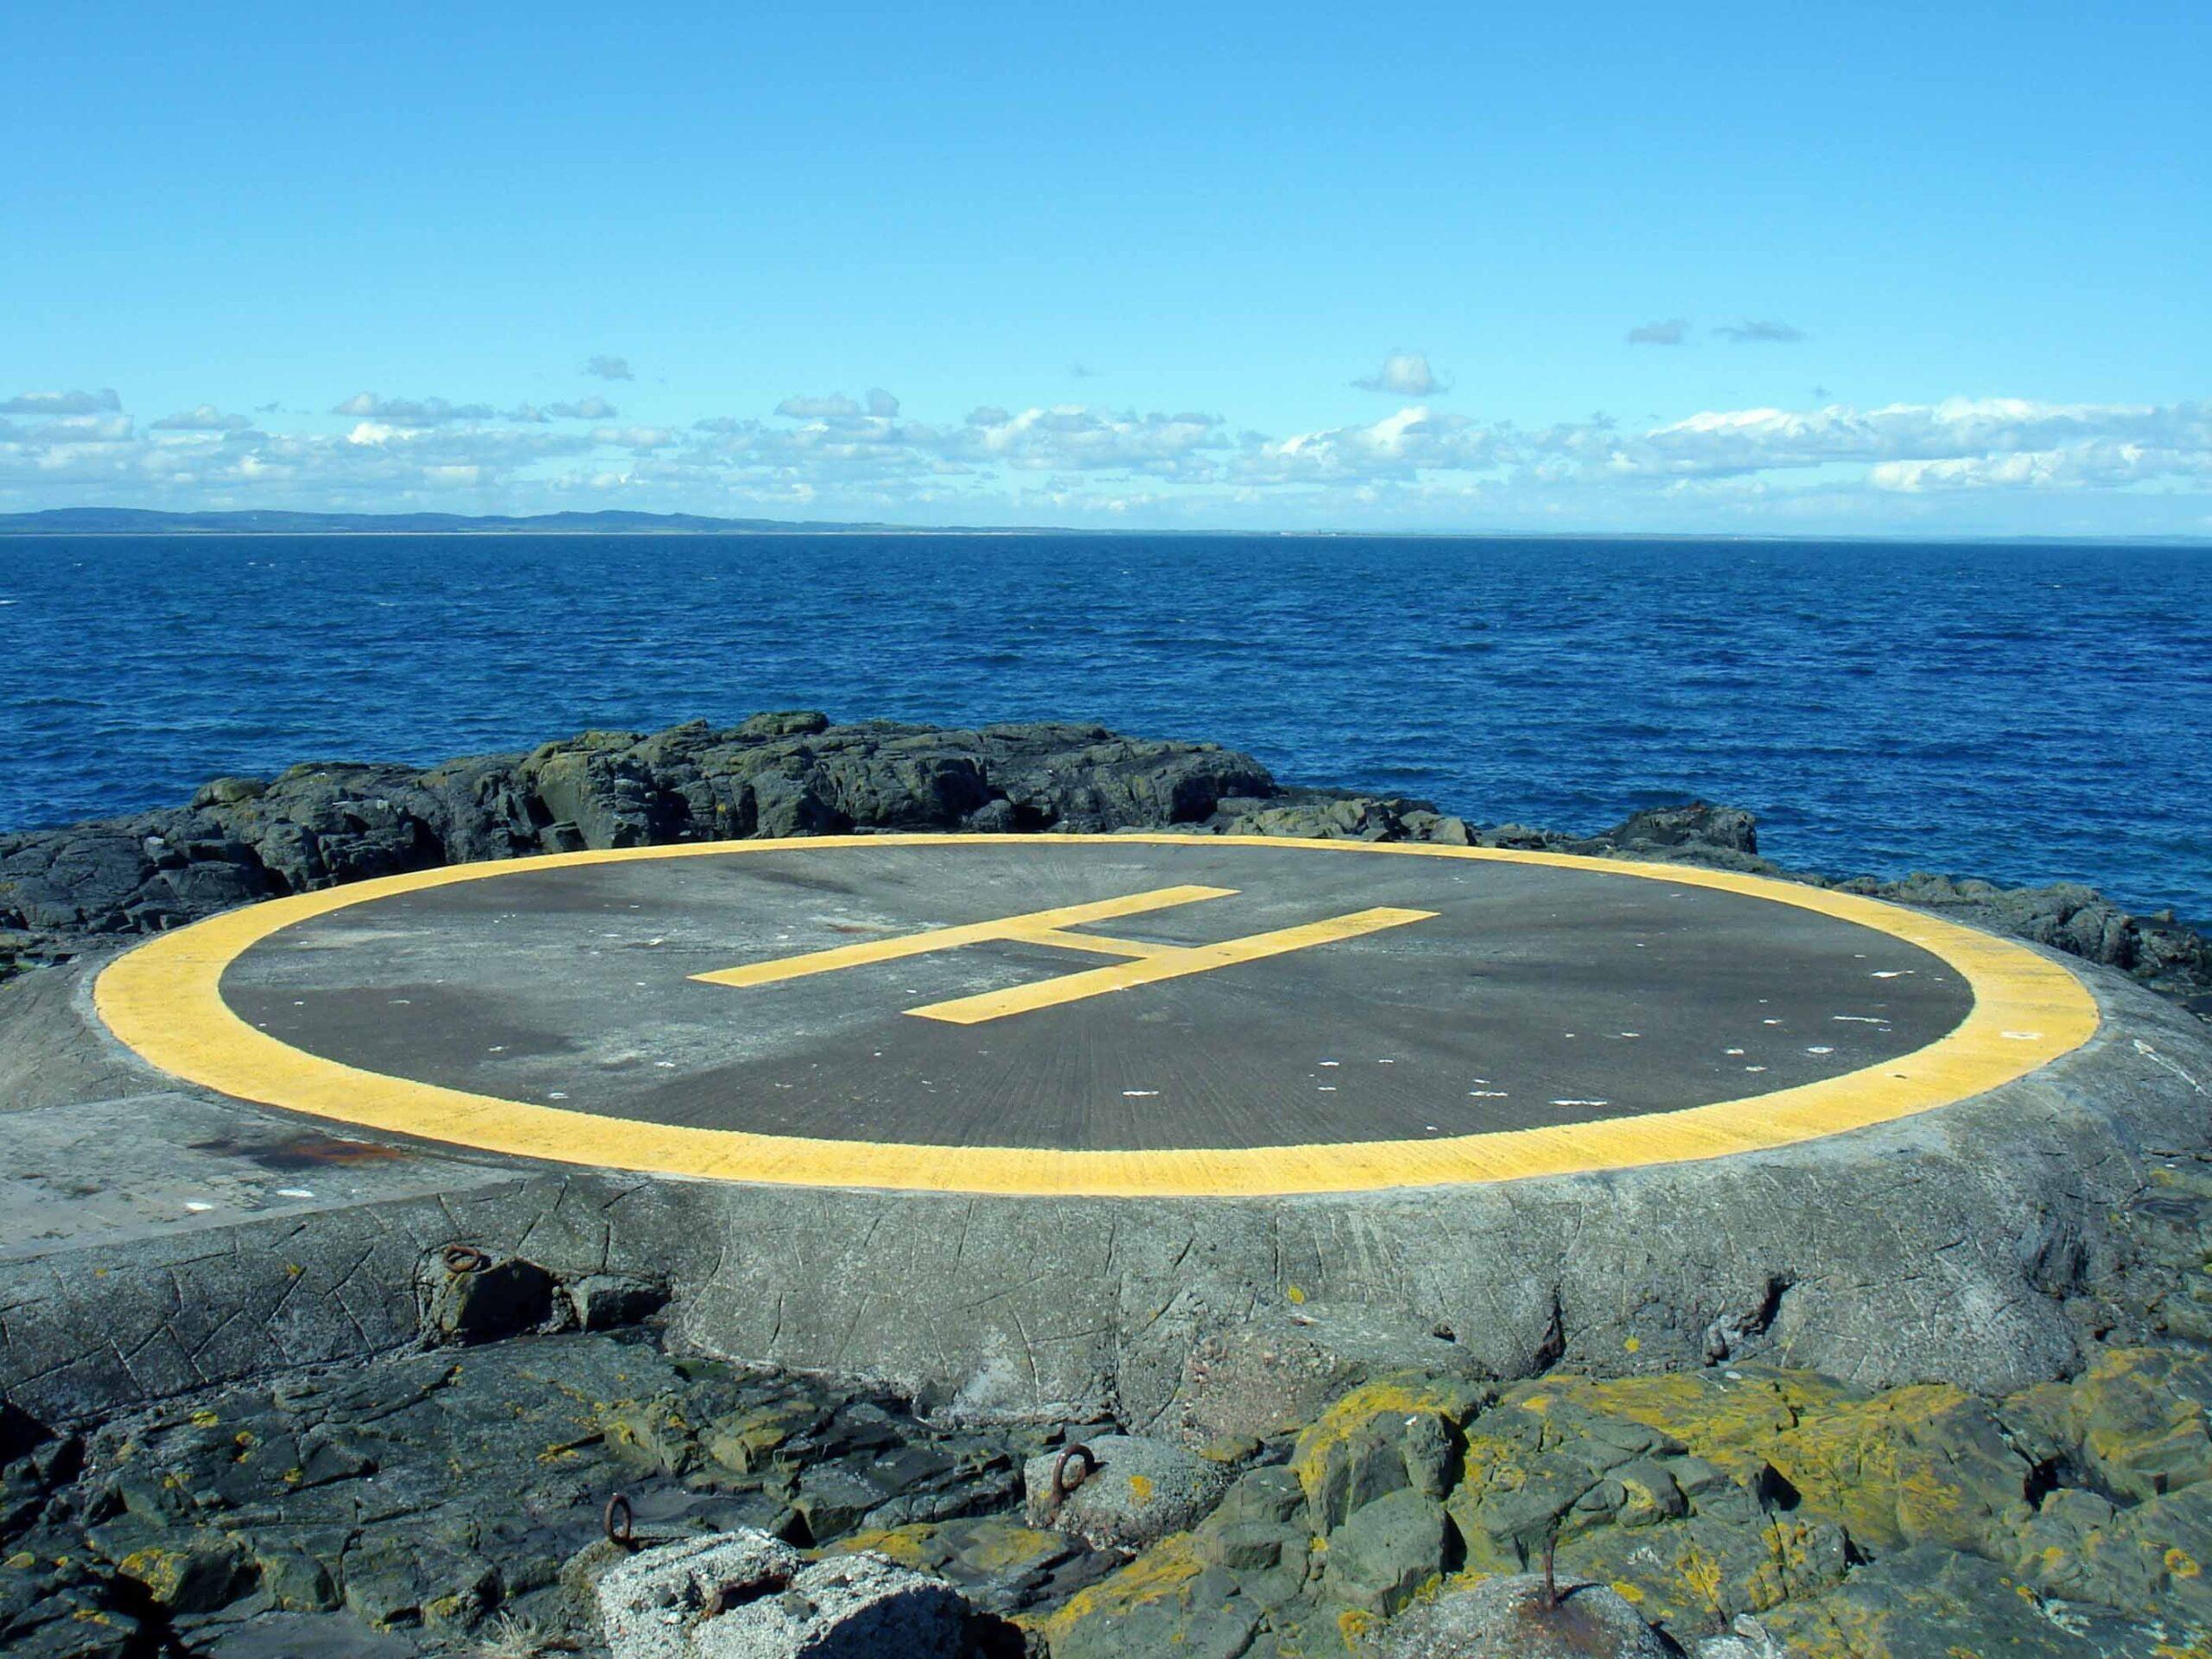 Ein Hubschrauberlandeplatz am Meer